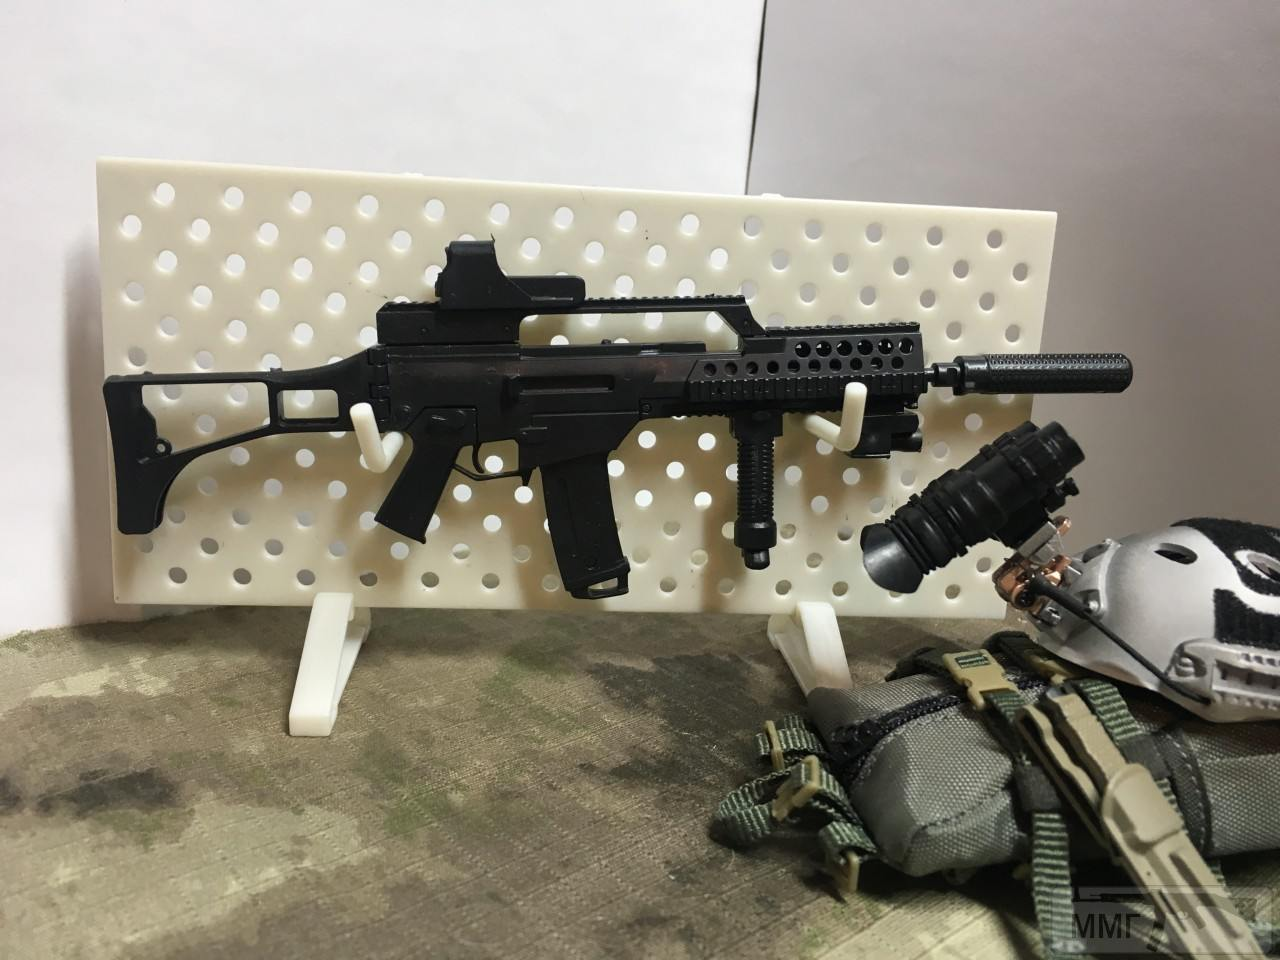 53981 - Макеты оружия/ модели 1:6